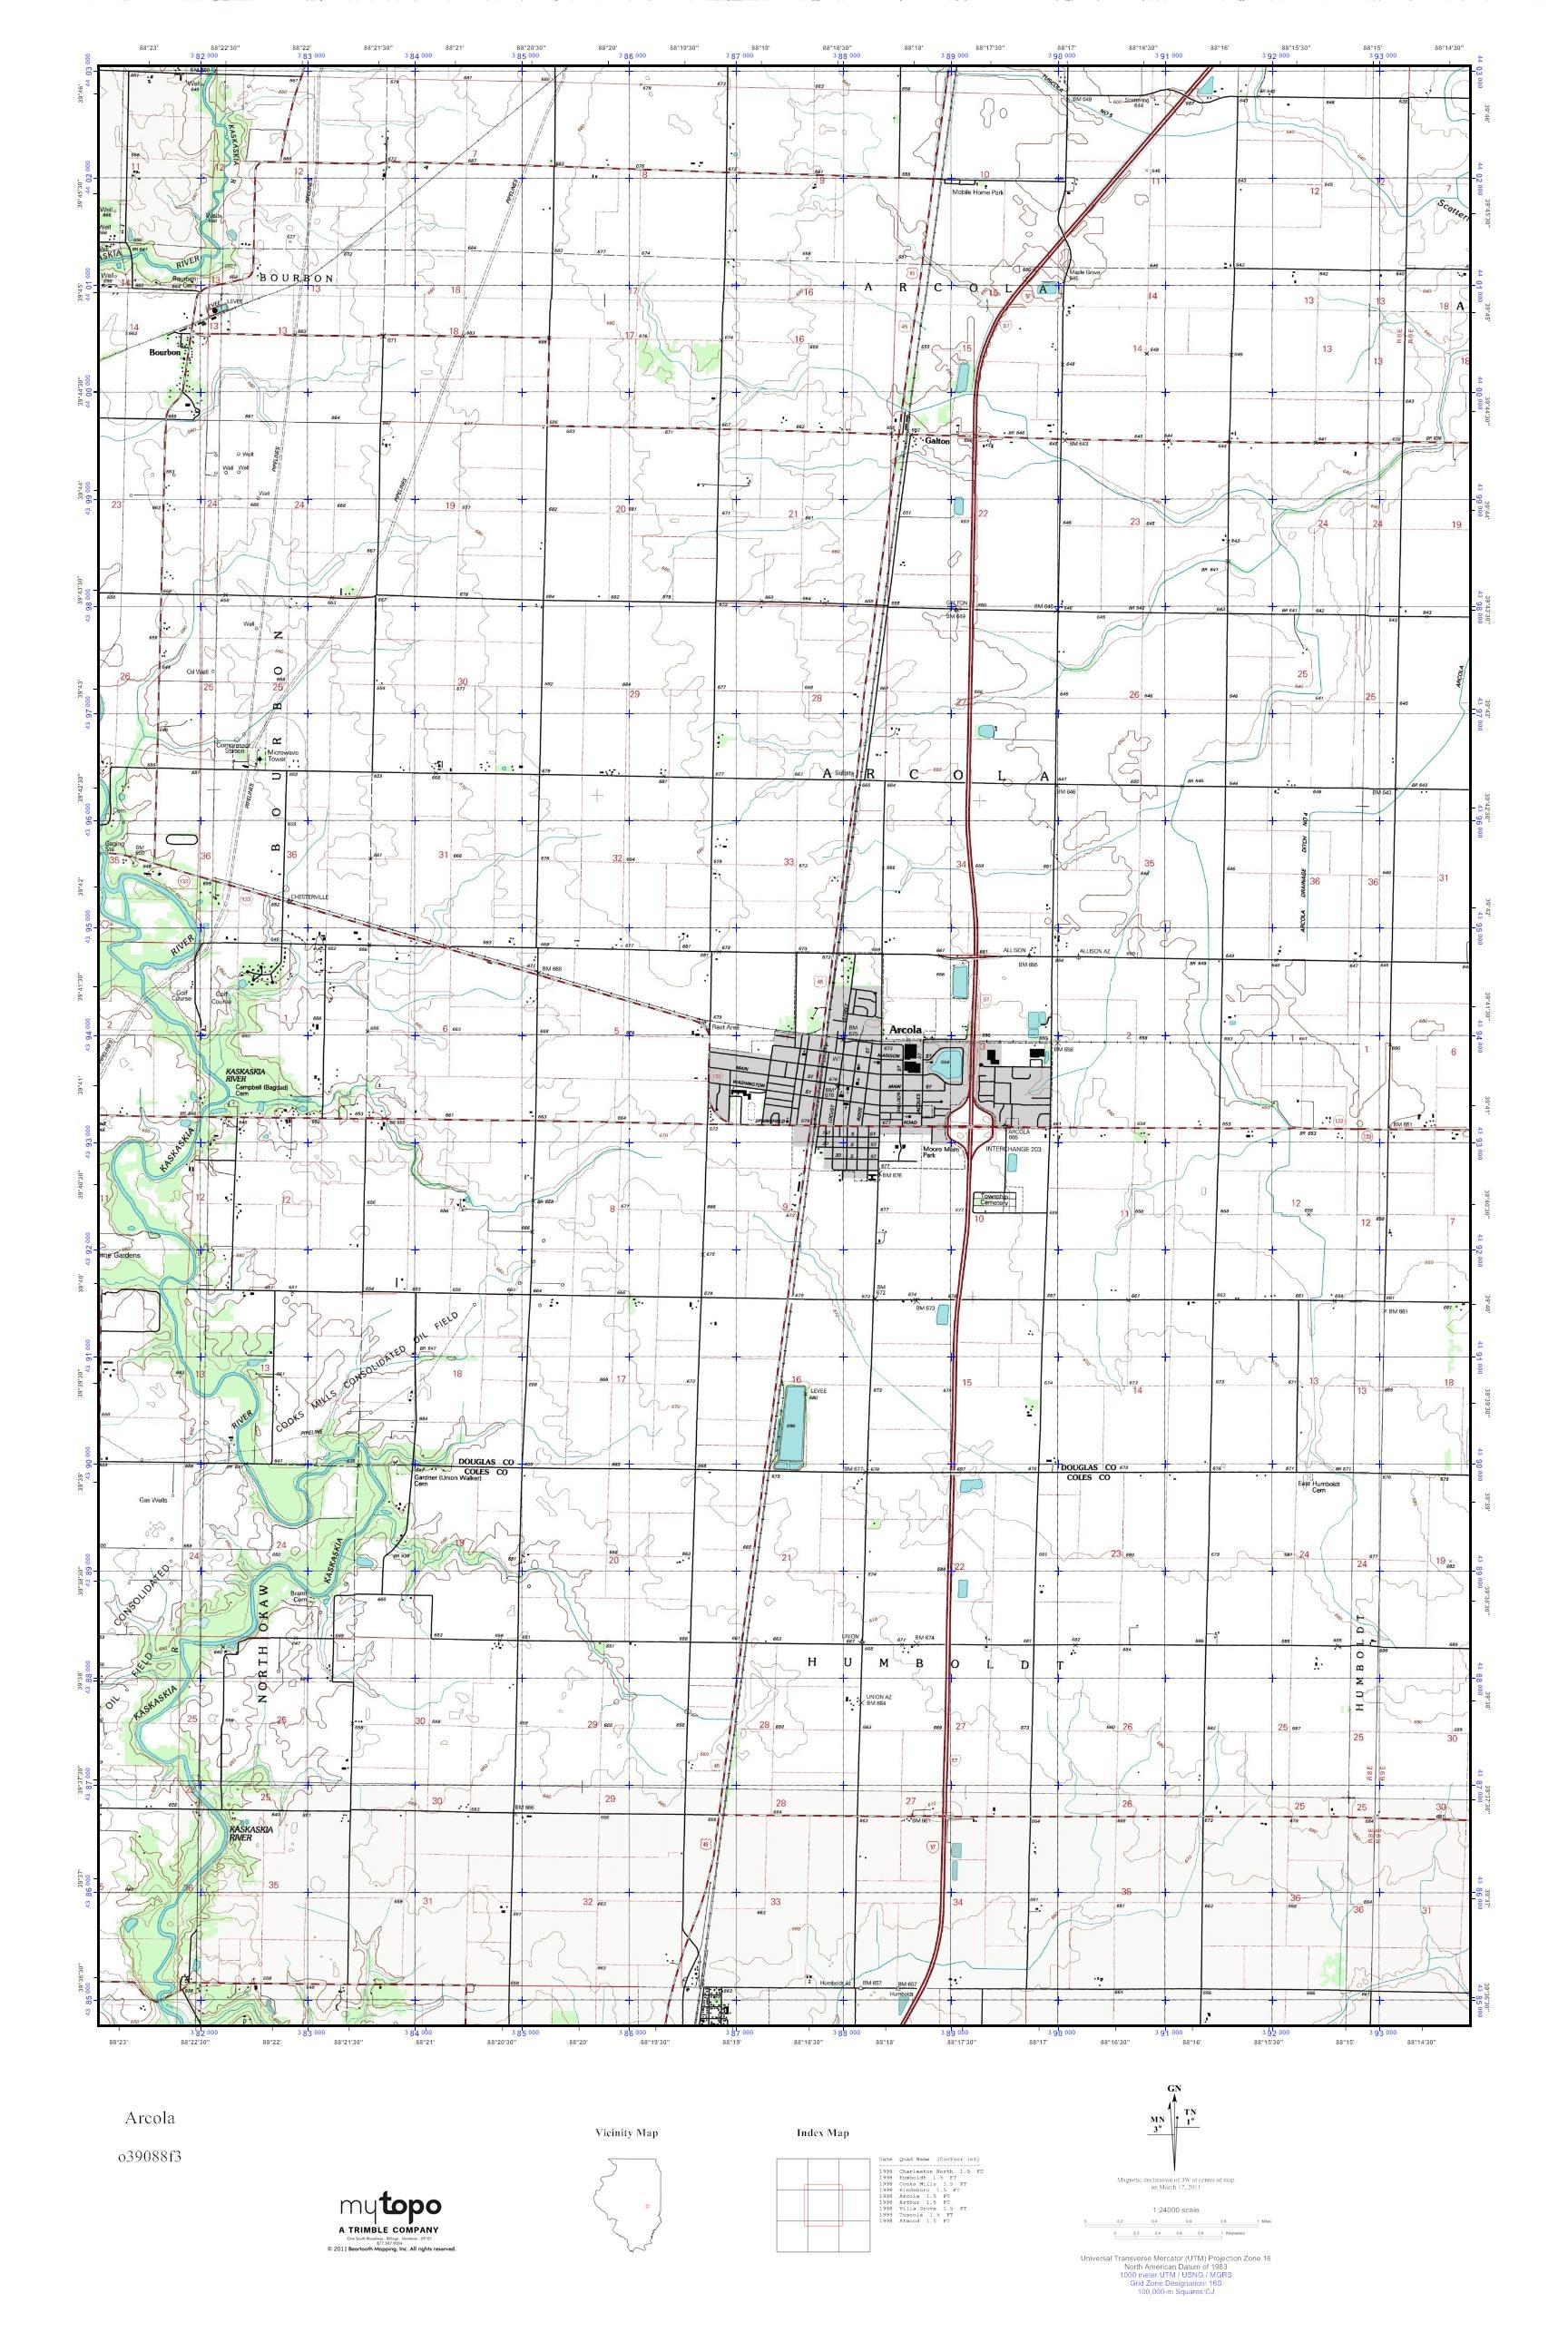 Mytopo Arcola Illinois Usgs Quad Topo Map